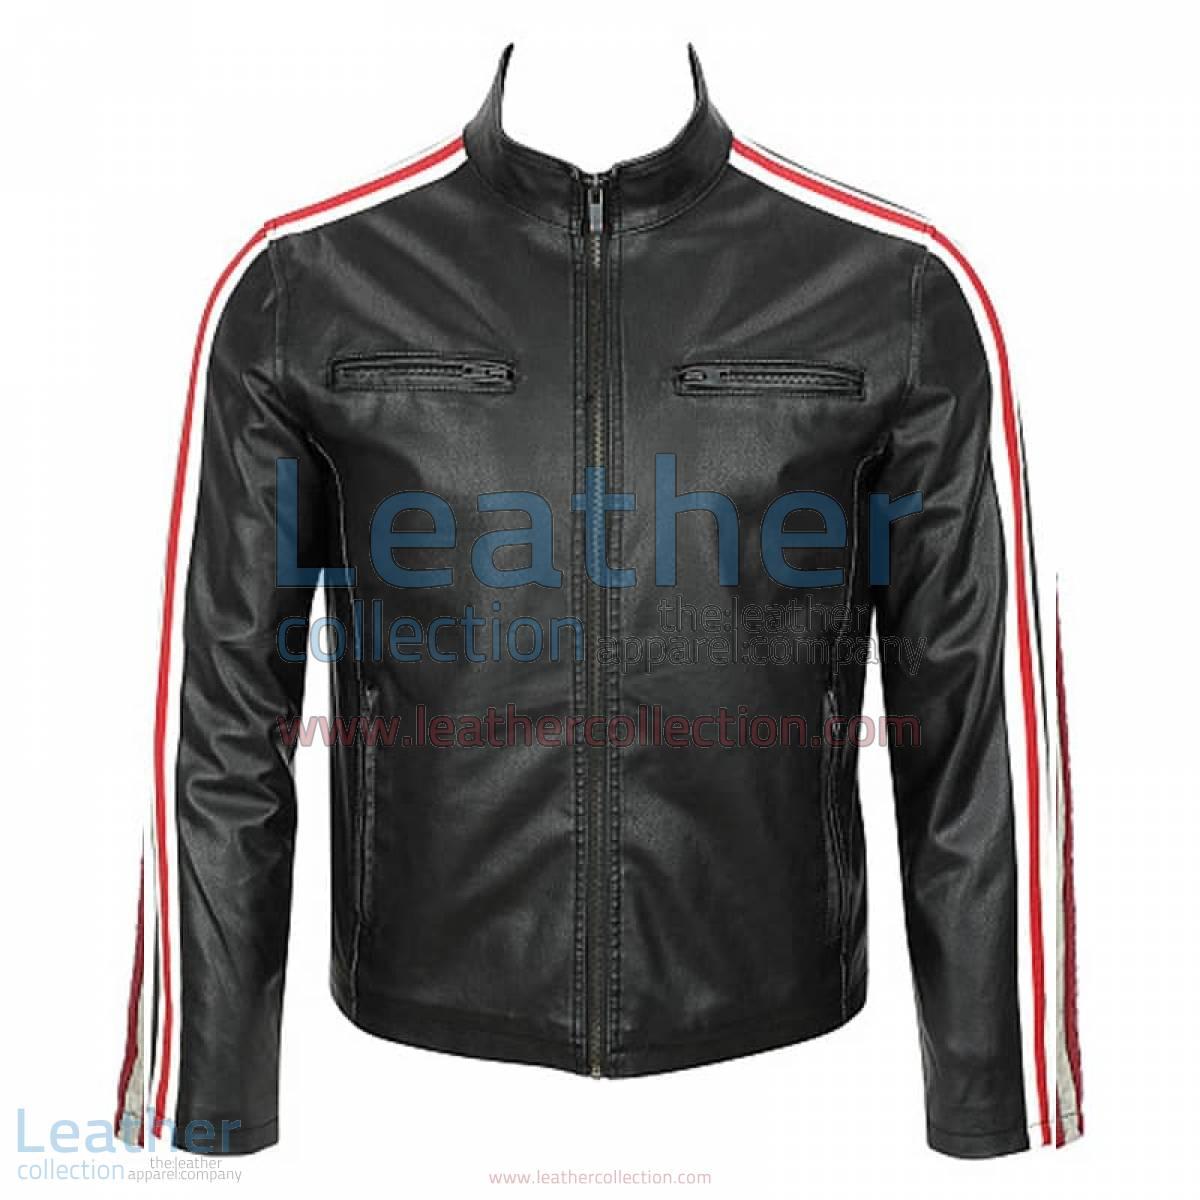 Leather Motorcycle Fashion Jacket